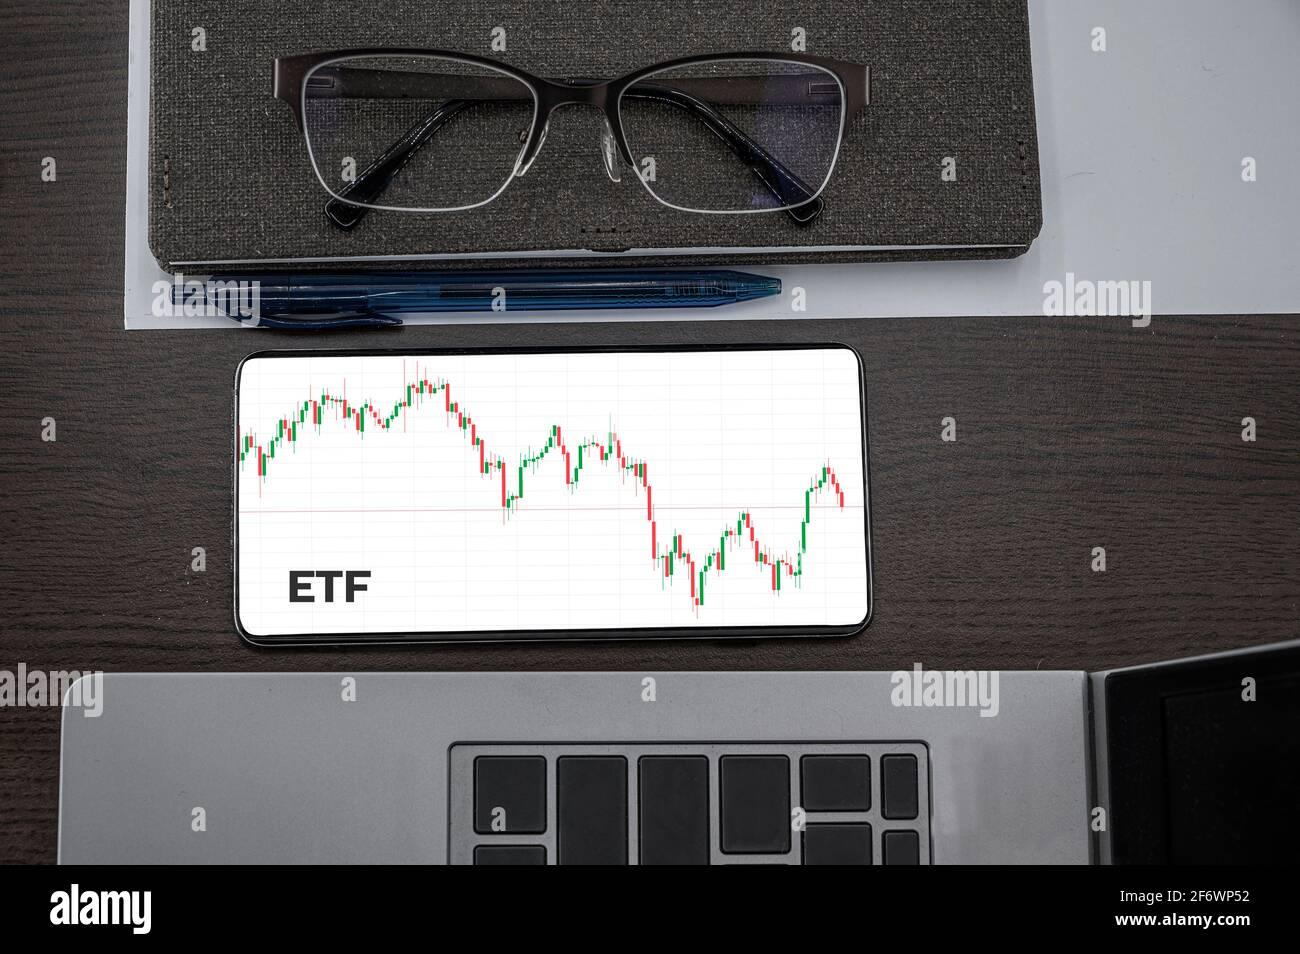 Acheter ou vendre le concept ETF. Fonds échangé. Vue de dessus du tableau de chandeliers de prix des actions dans le téléphone sur la table près de l'ordinateur portable, bloc-notes et lunettes avec insc Banque D'Images